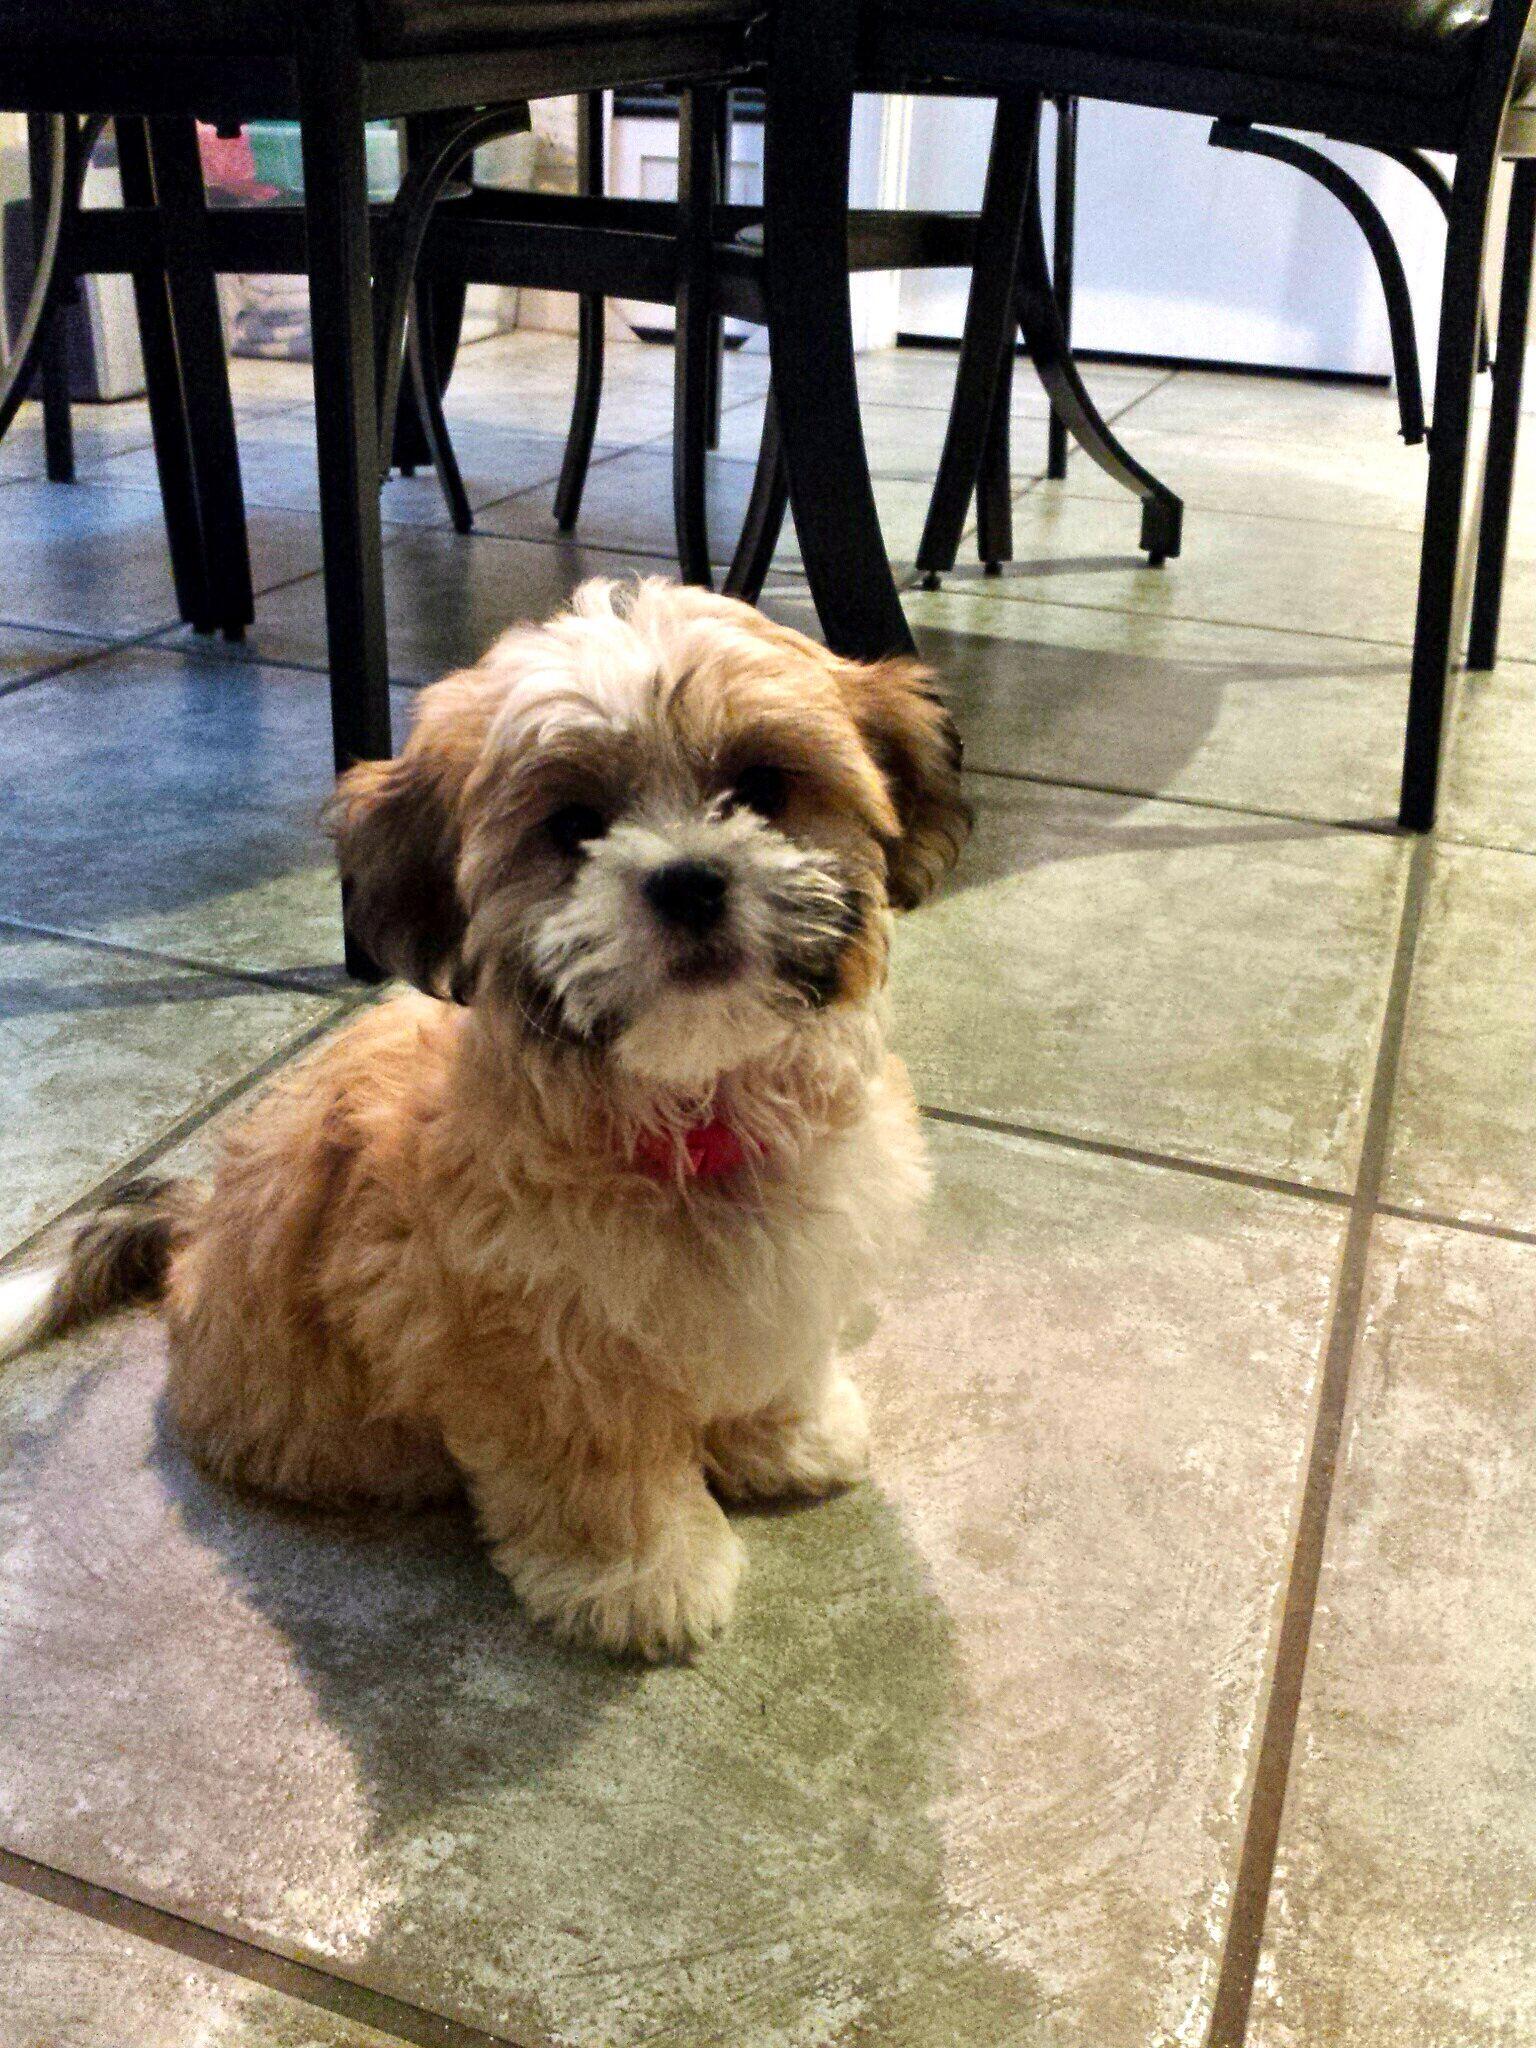 Shichon puppies for sale in kentucky - Carley My Shih Tzu Bichon Frise Mix